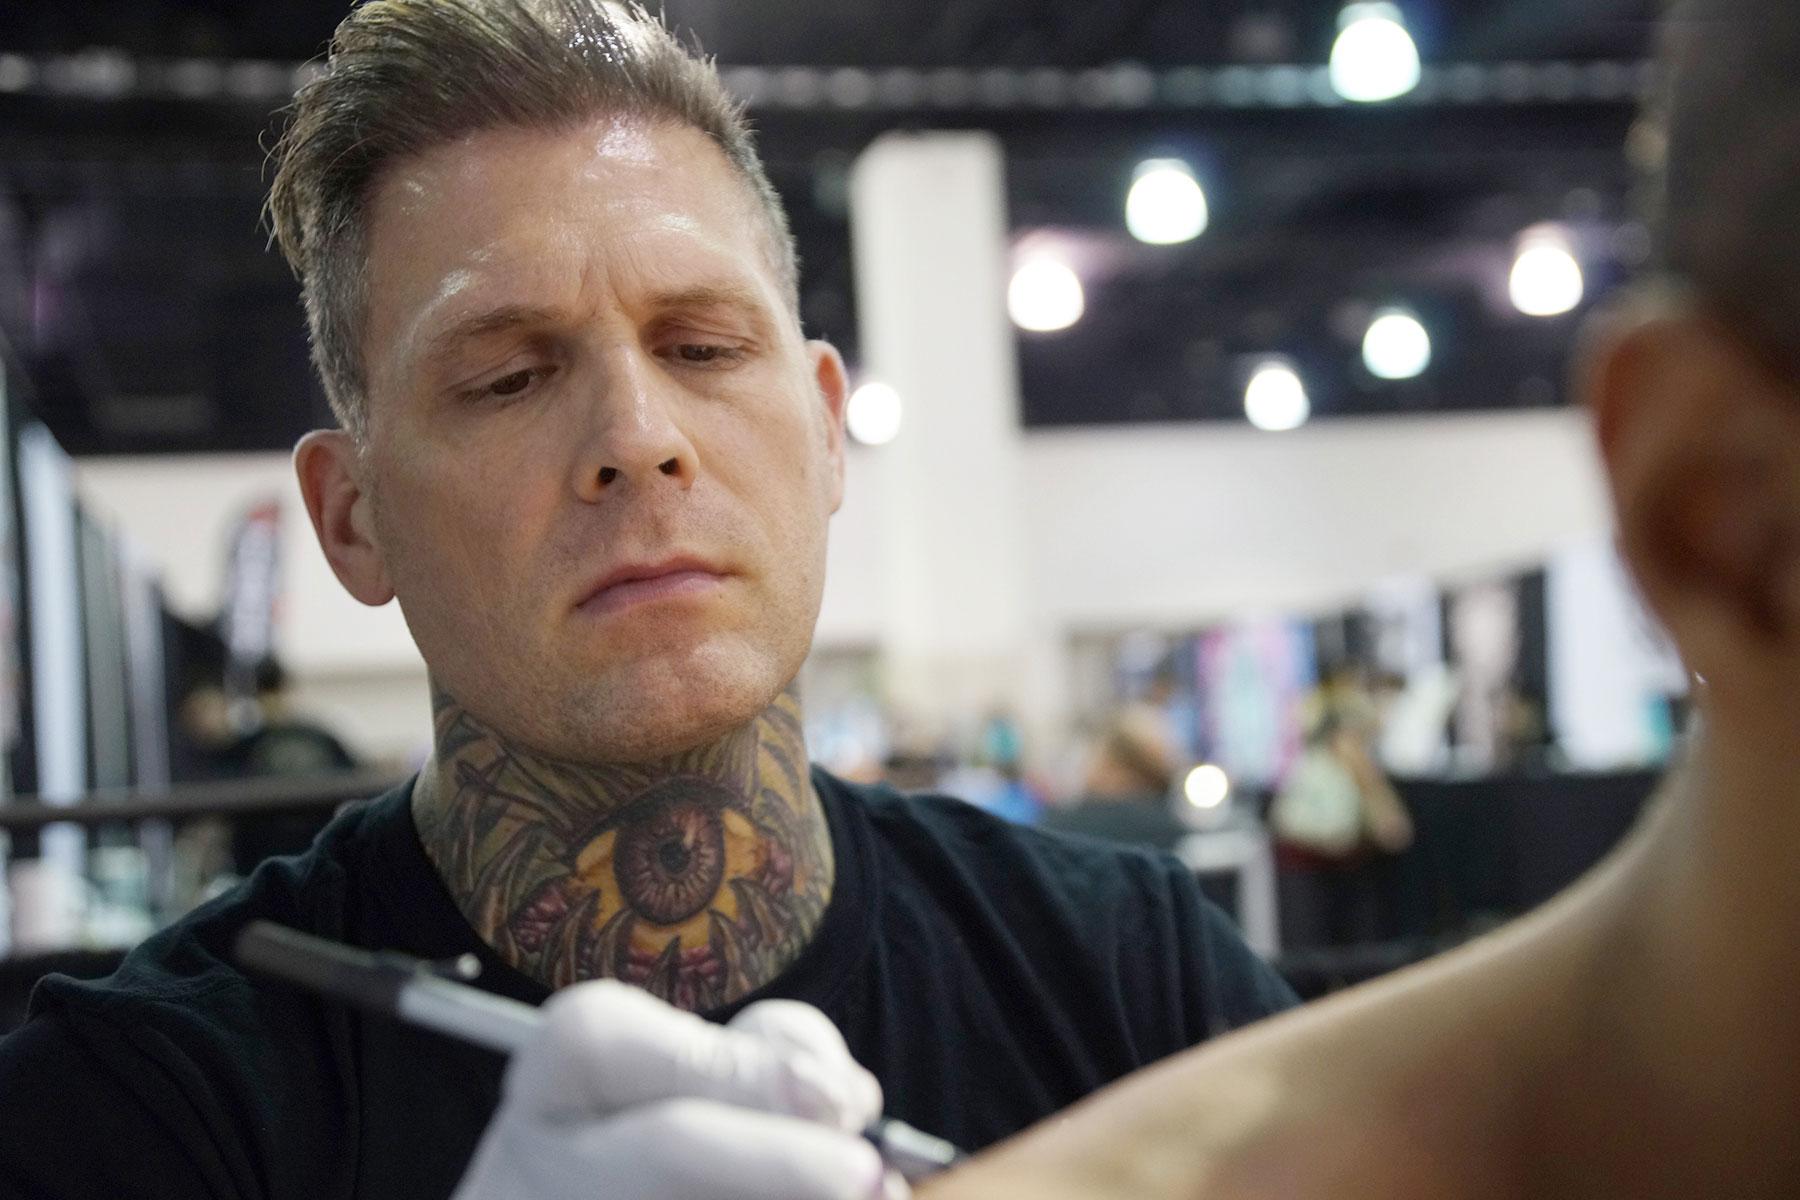 091517_tattooarts_0110